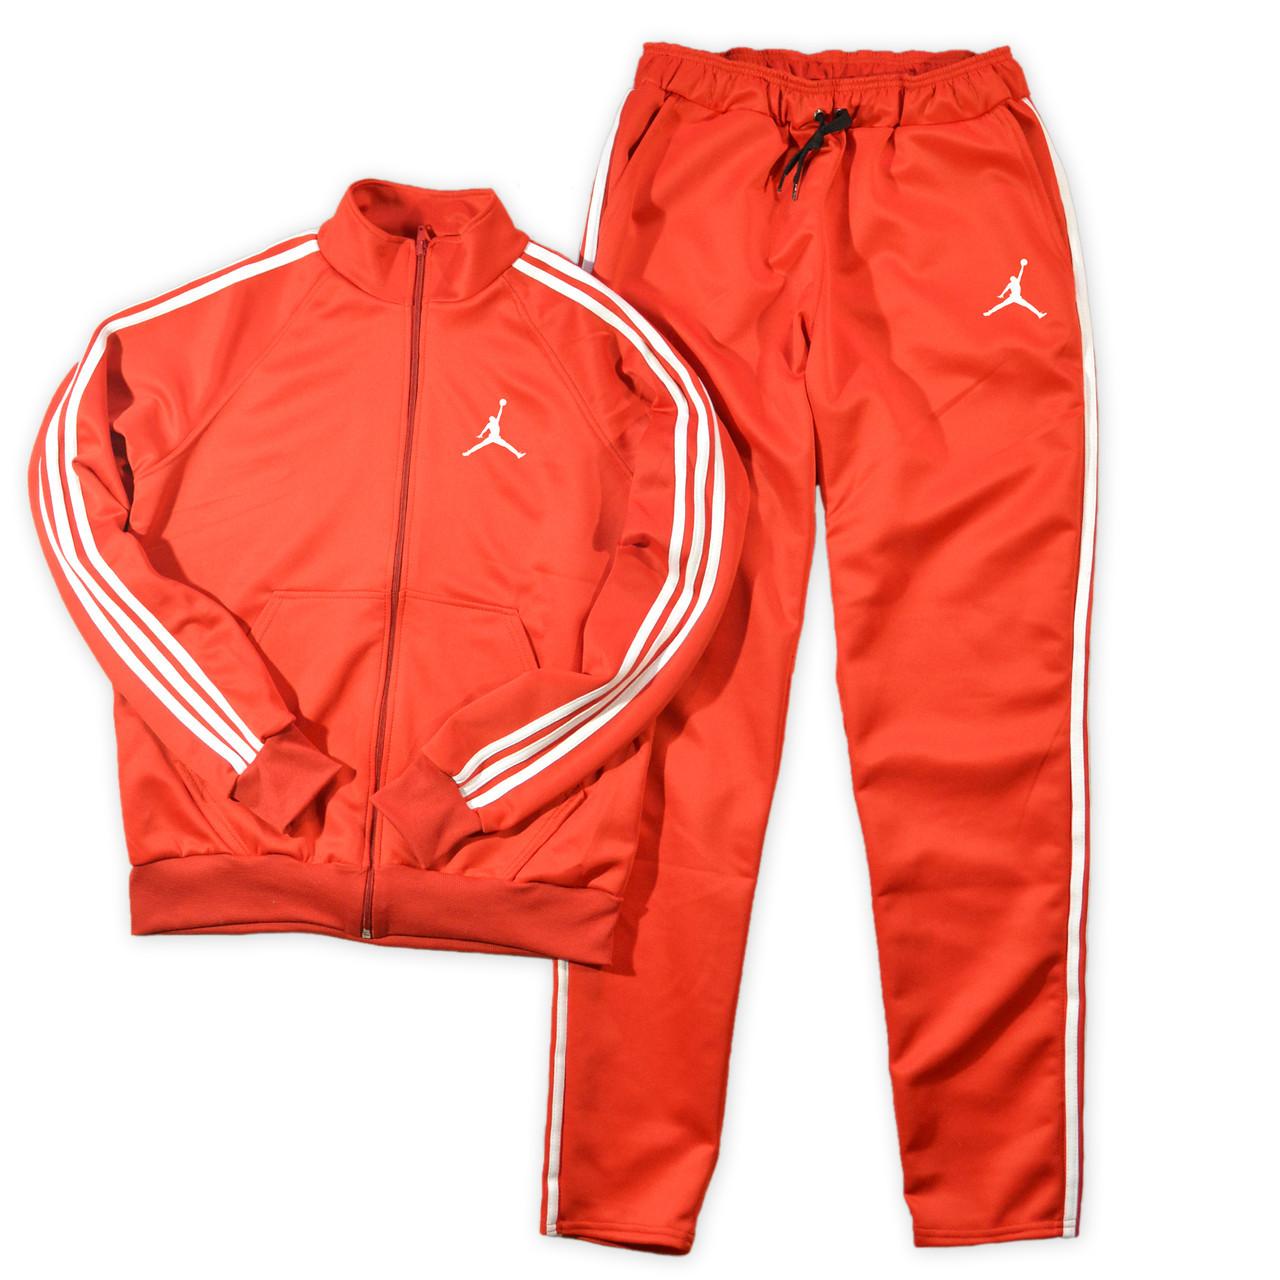 Чоловічий спортивний костюм для тренувань Jordan (Джордан)